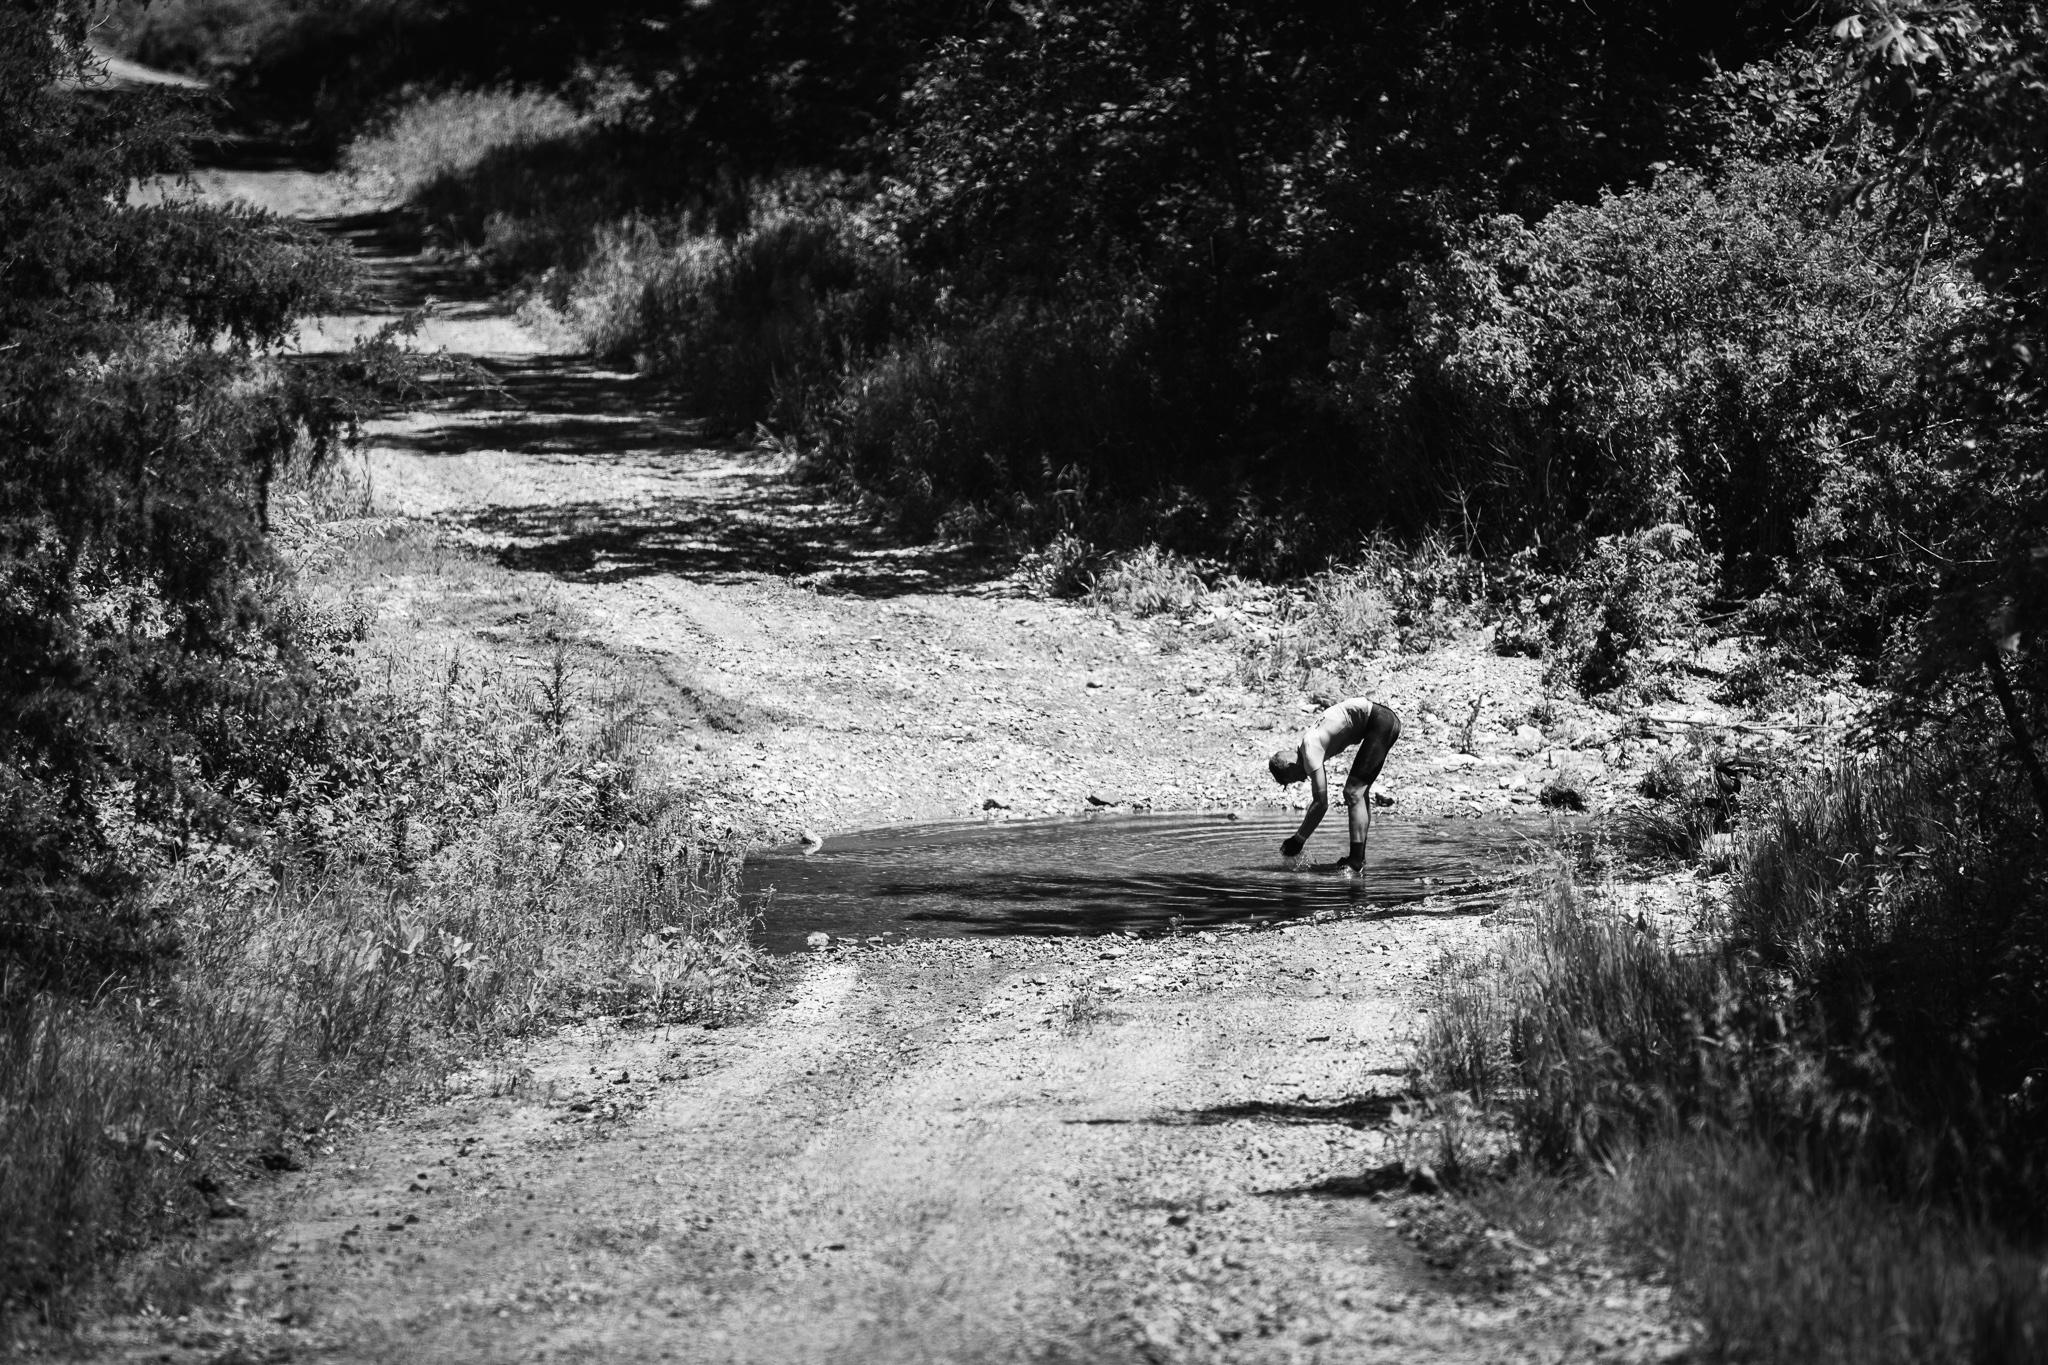 2019-06-01 Speedvagen Dirty Kanza Photo Essay-16.jpg